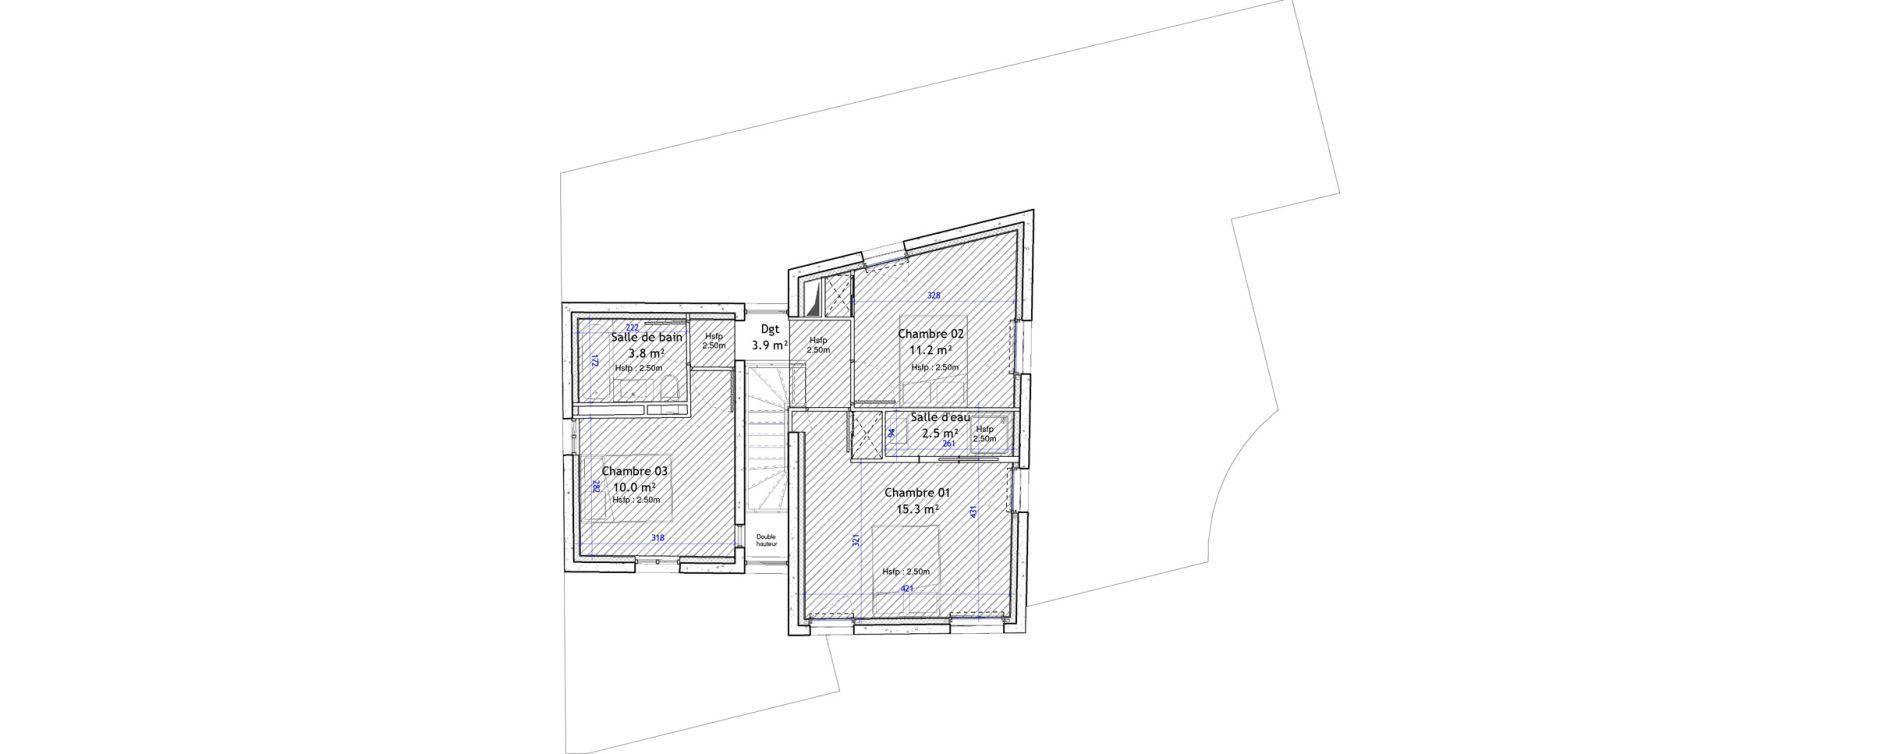 Maison T4 de 96,60 m2 à Montpellier Boutonnet